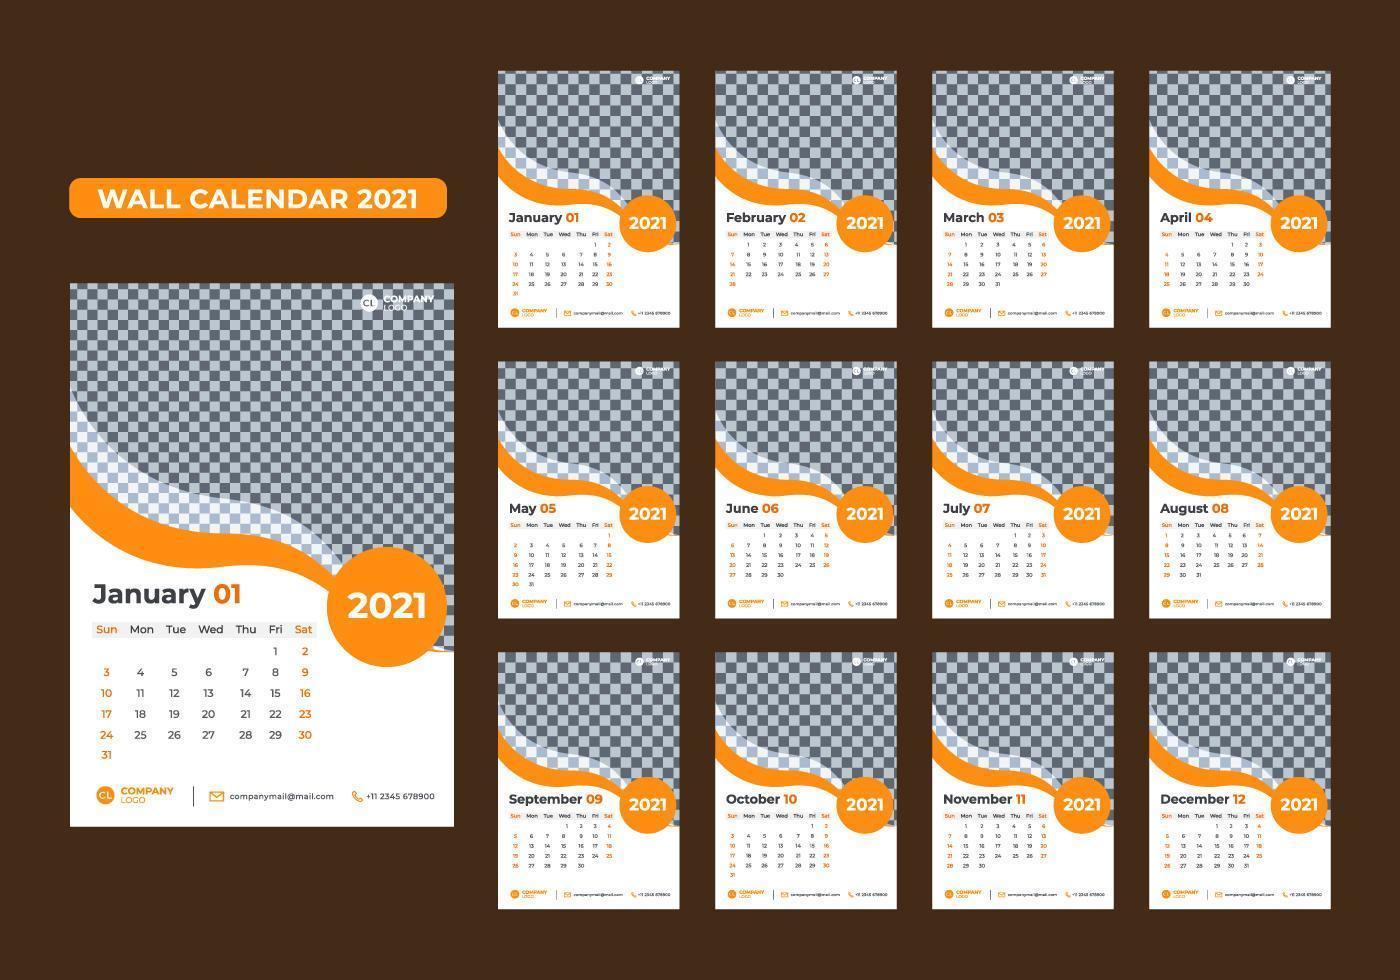 ensemble de modèles de calendrier mural 12 mois 2021 vecteur